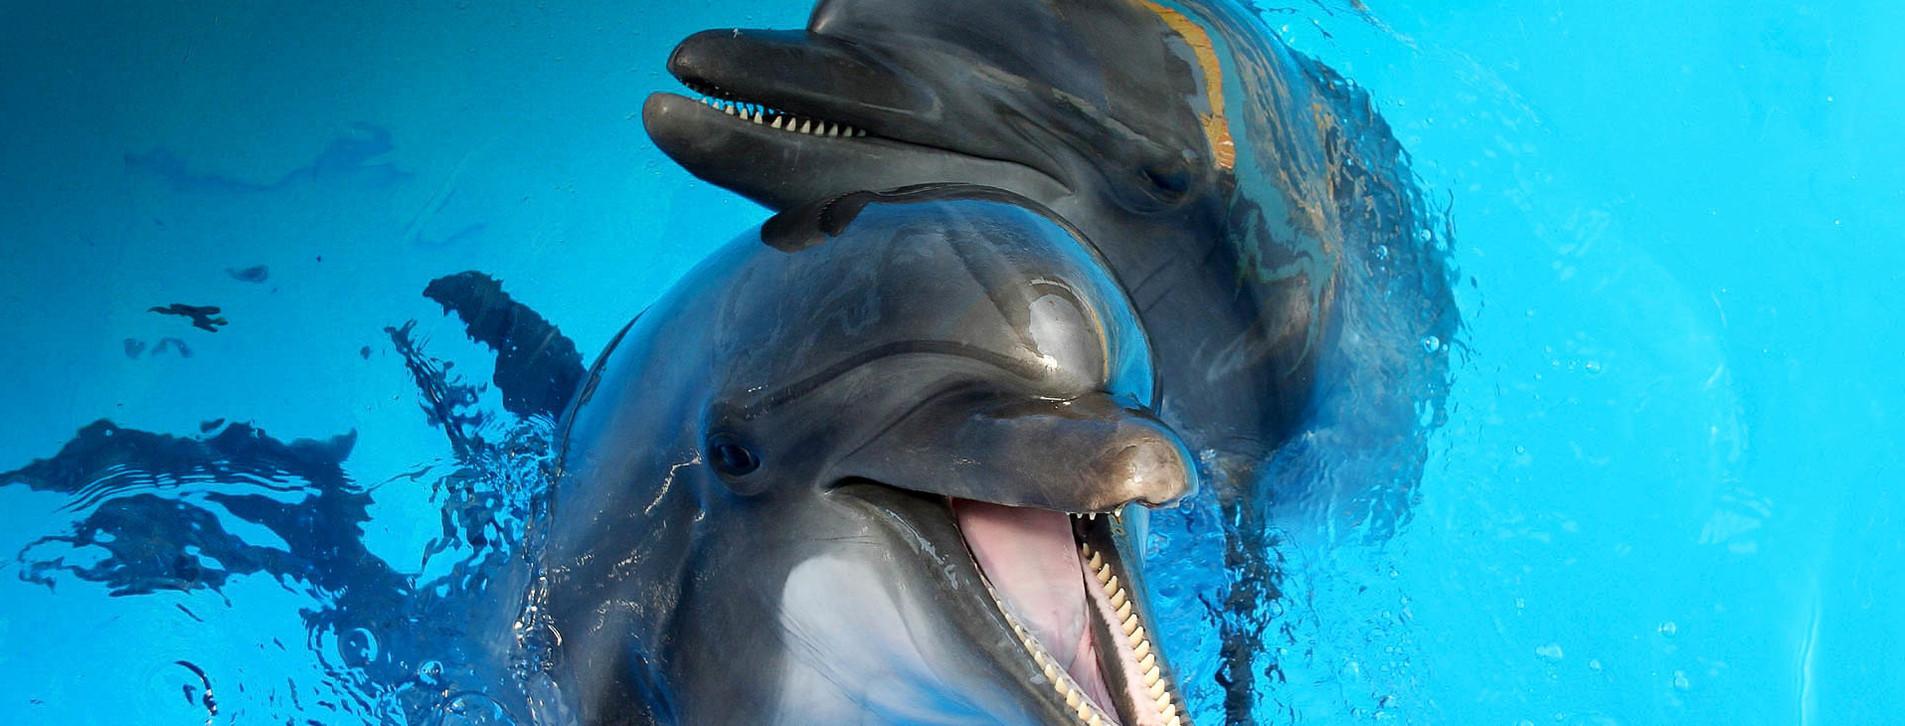 Фото 1 - Романтическое шоу в дельфинарии